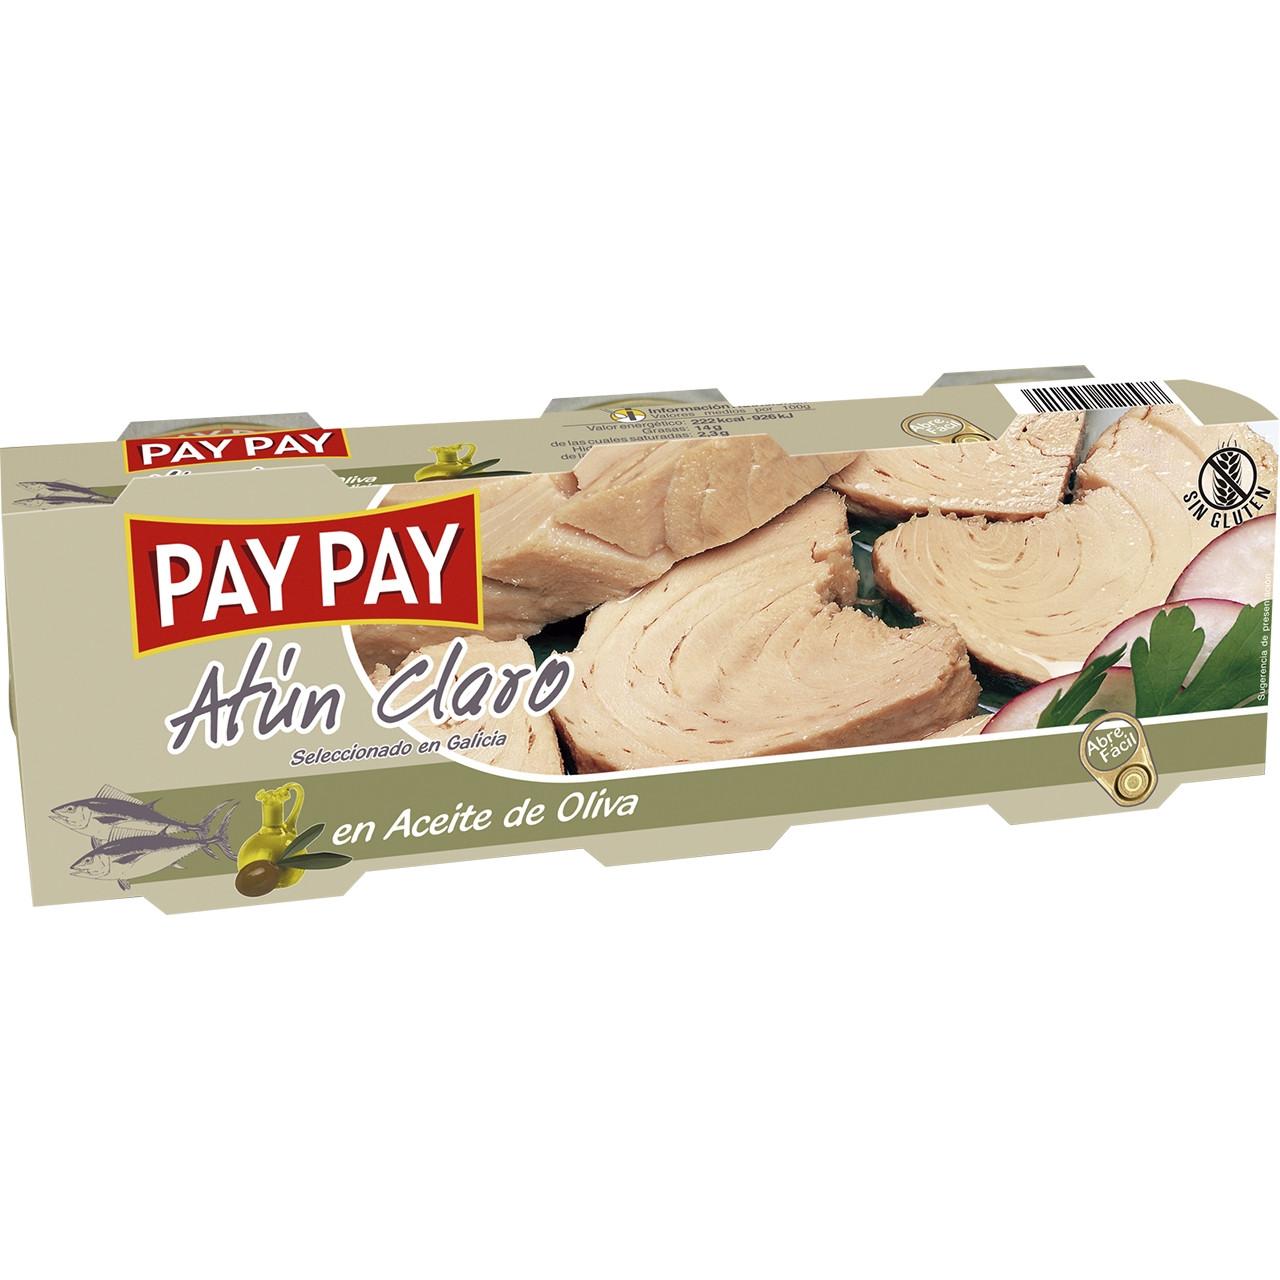 Tonyina clara oli oliva ro-85 p3 Pay Pay